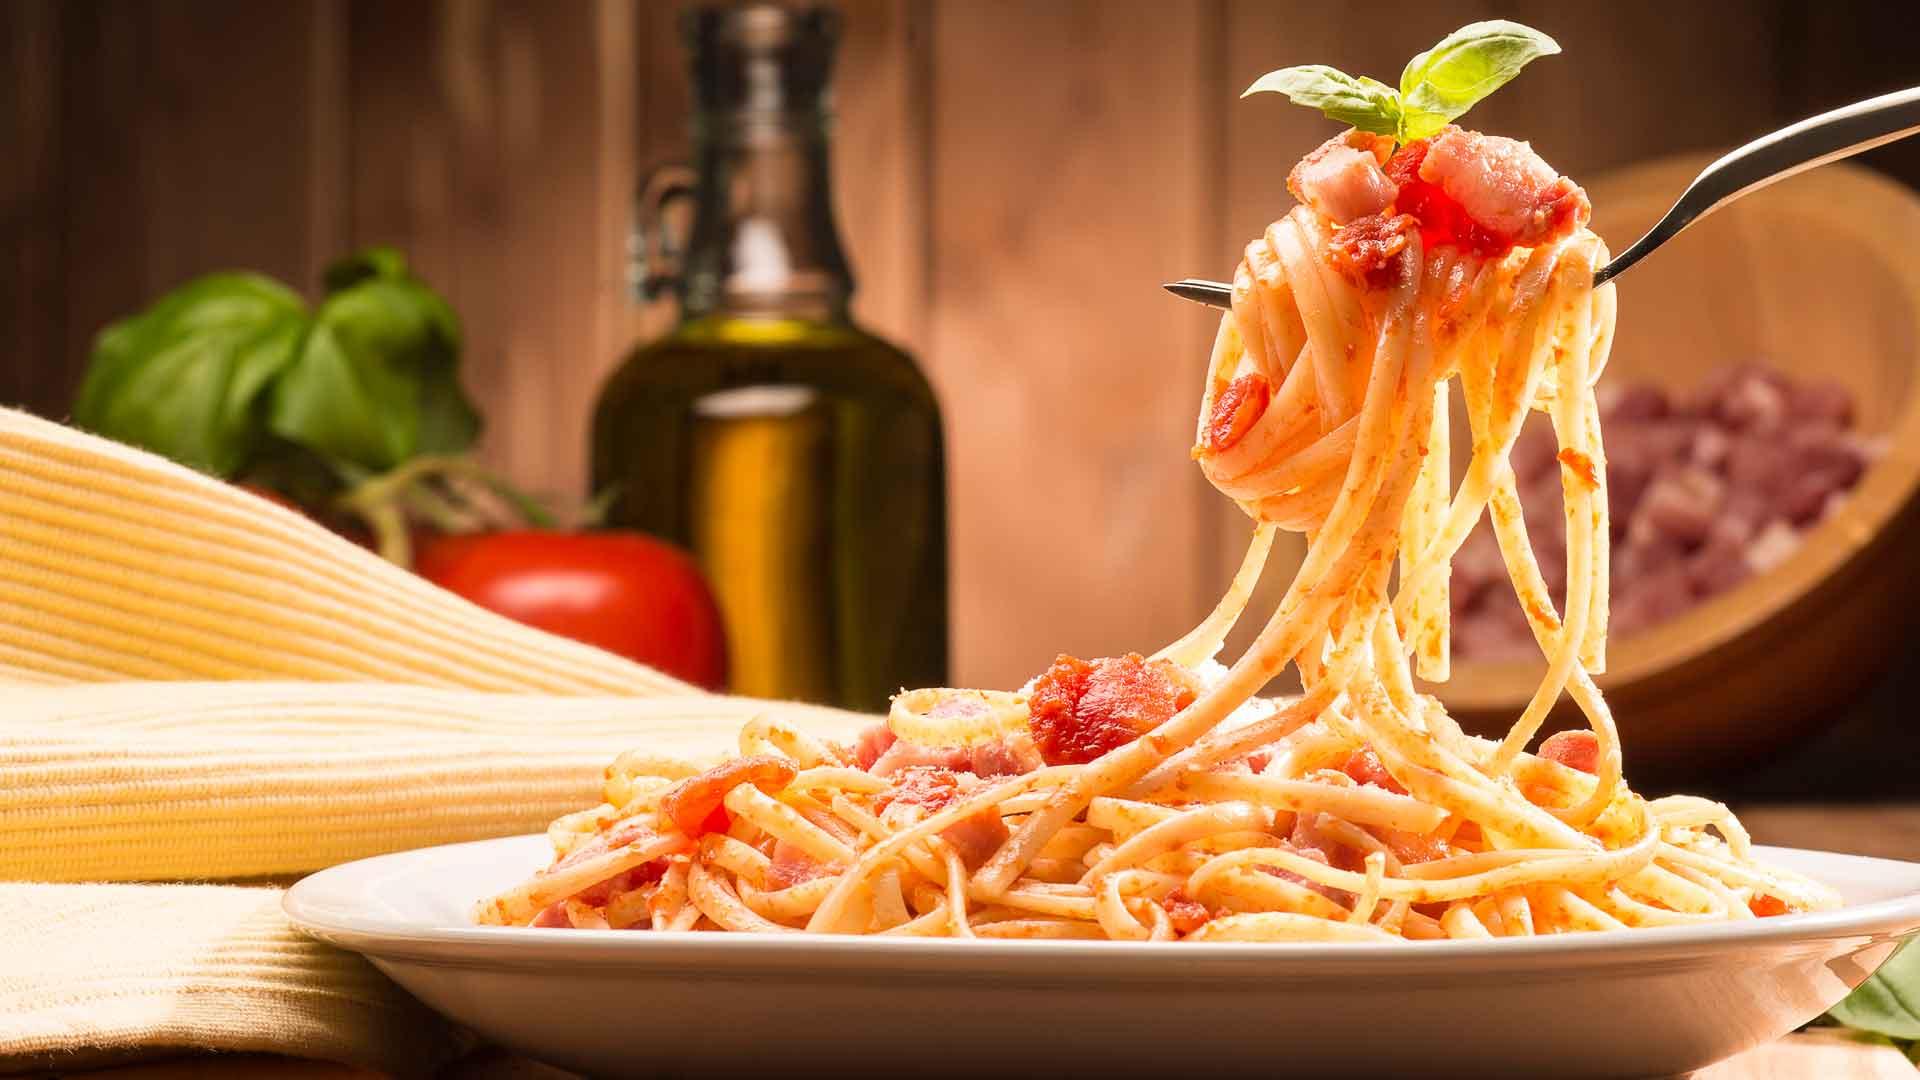 Macelleria Roma: exquisita cocina tradicional italiana